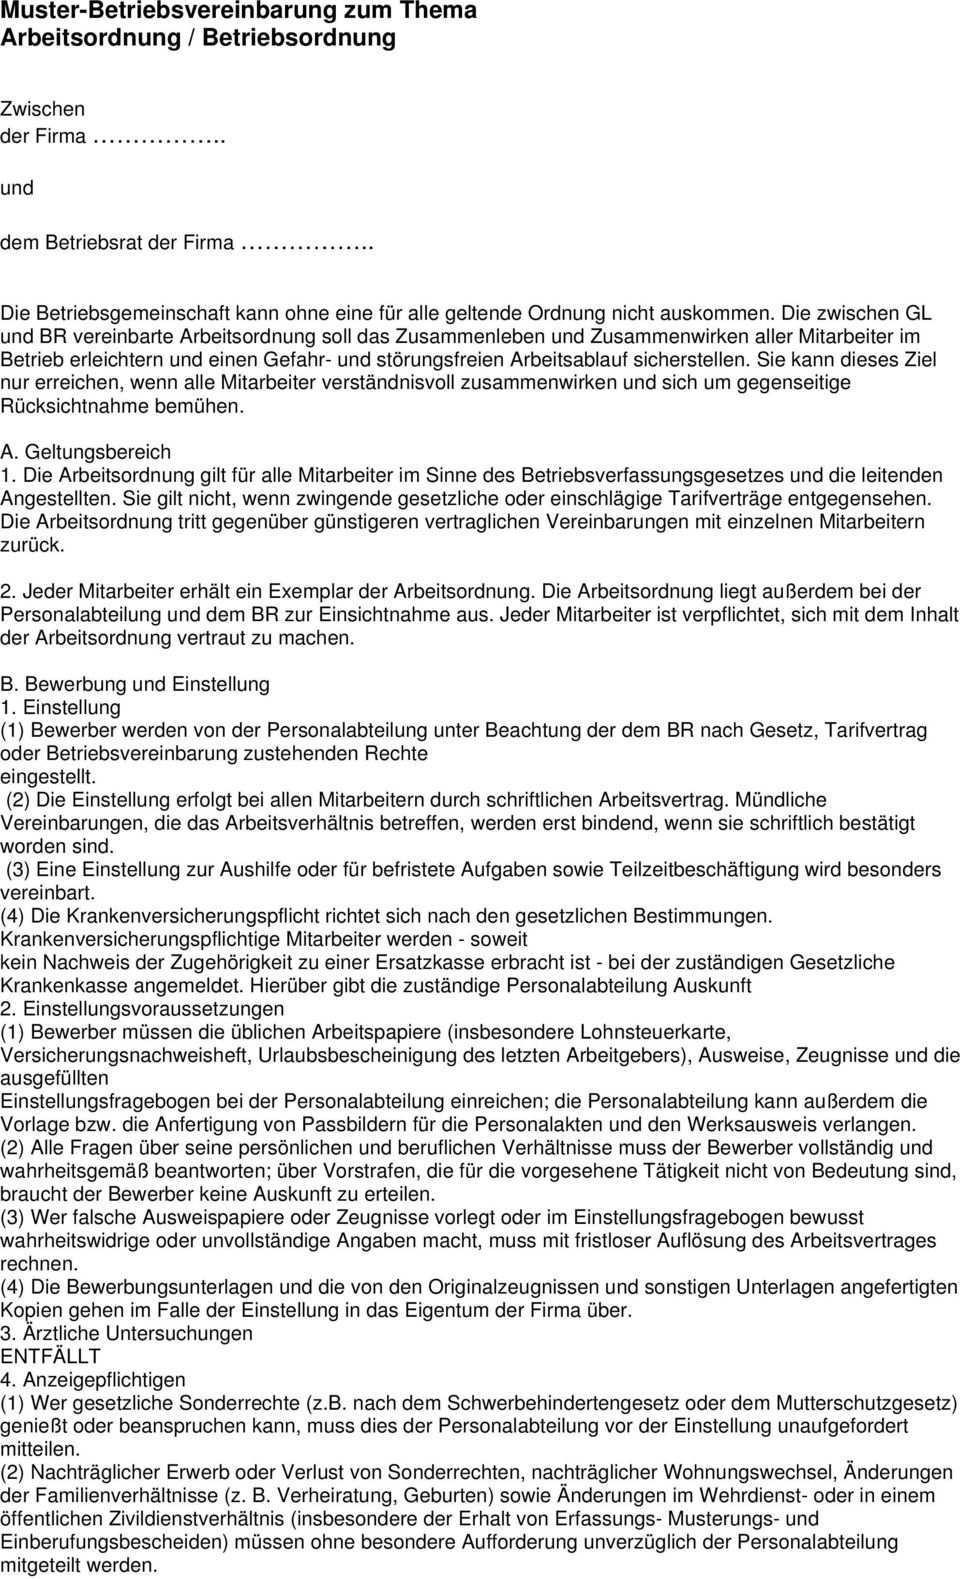 Muster Betriebsvereinbarung Zum Thema Arbeitsordnung Betriebsordnung Pdf Free Download